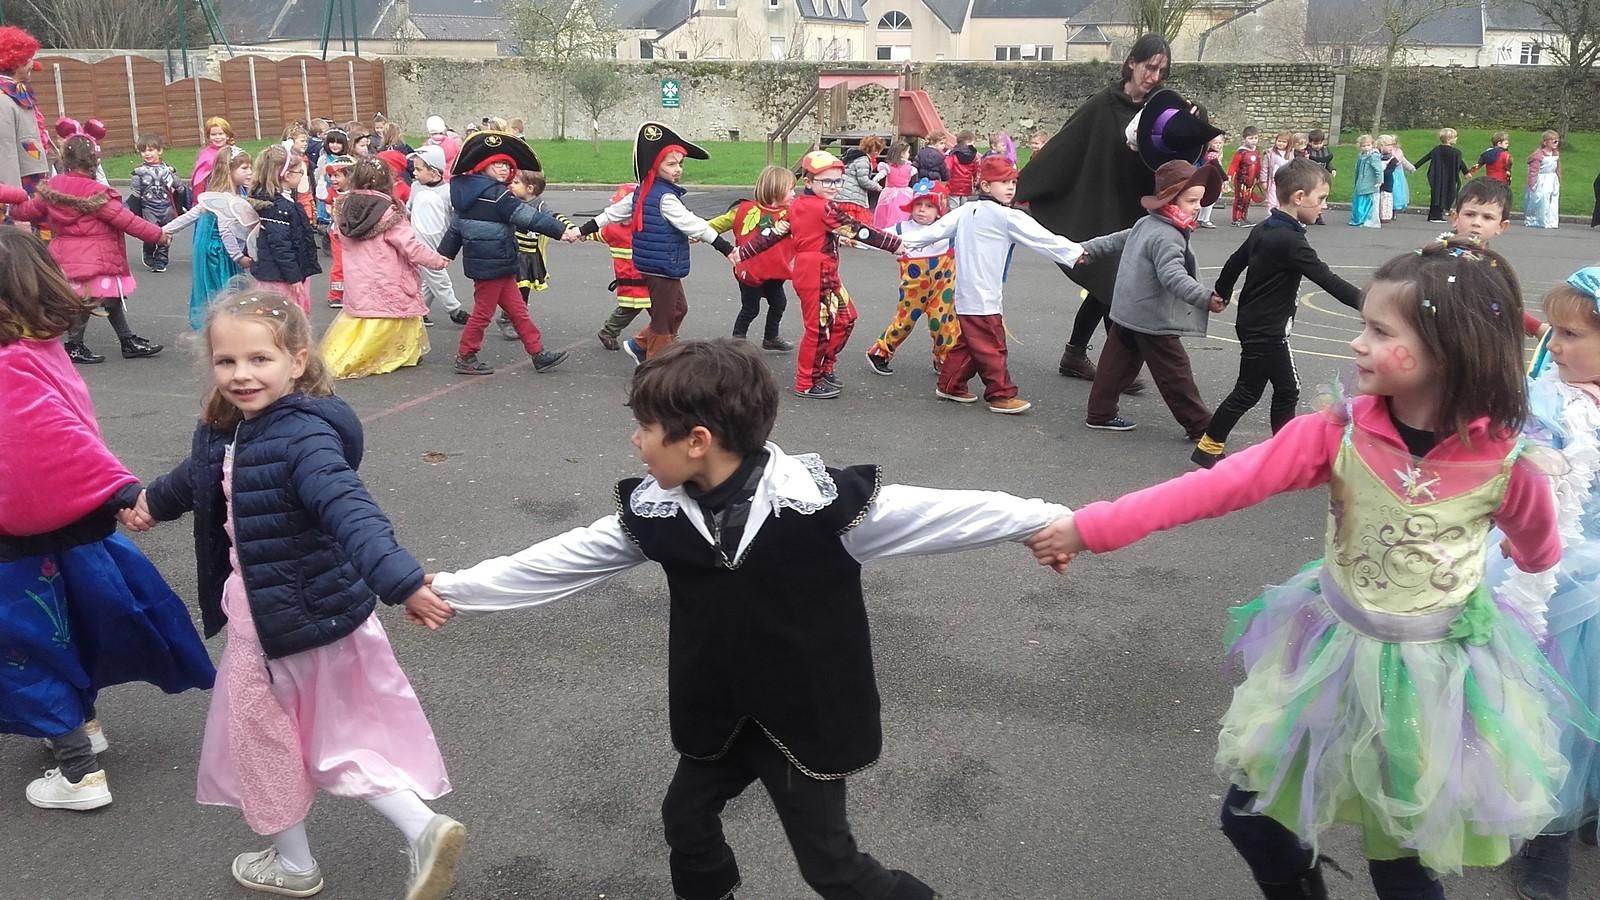 Le carnaval: défilé et danses